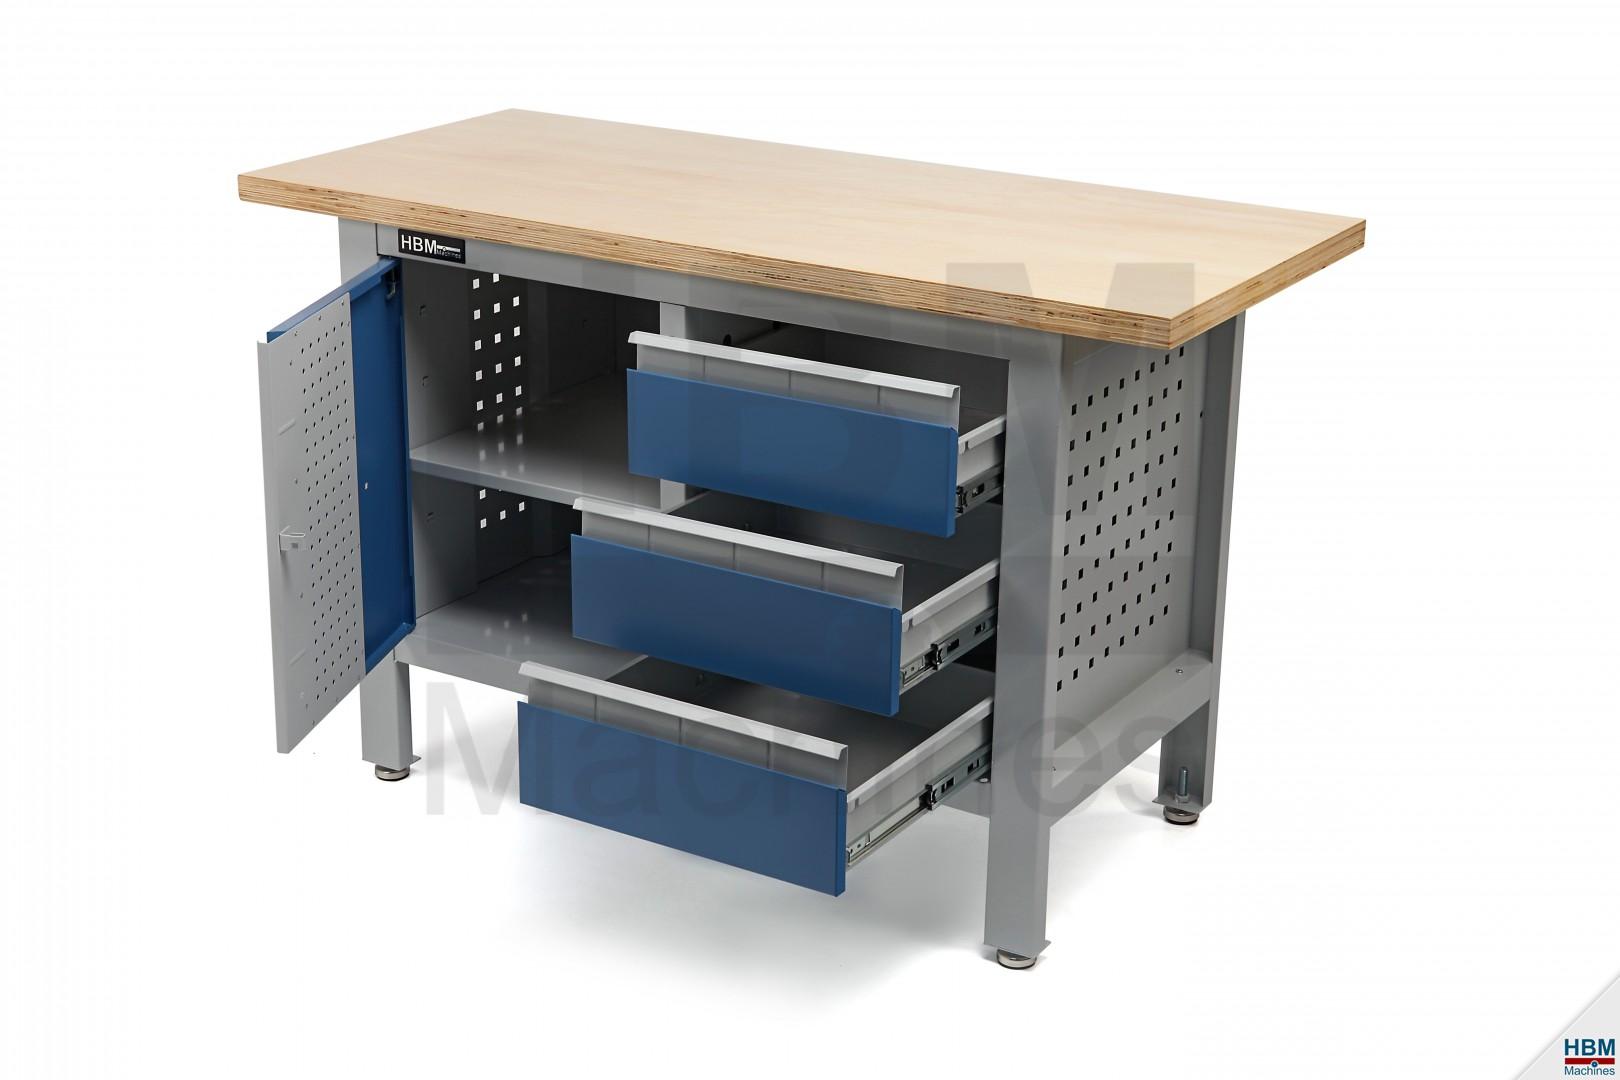 hbm 120 cm werkbank met 3 laden en 1 deur hbm machines. Black Bedroom Furniture Sets. Home Design Ideas